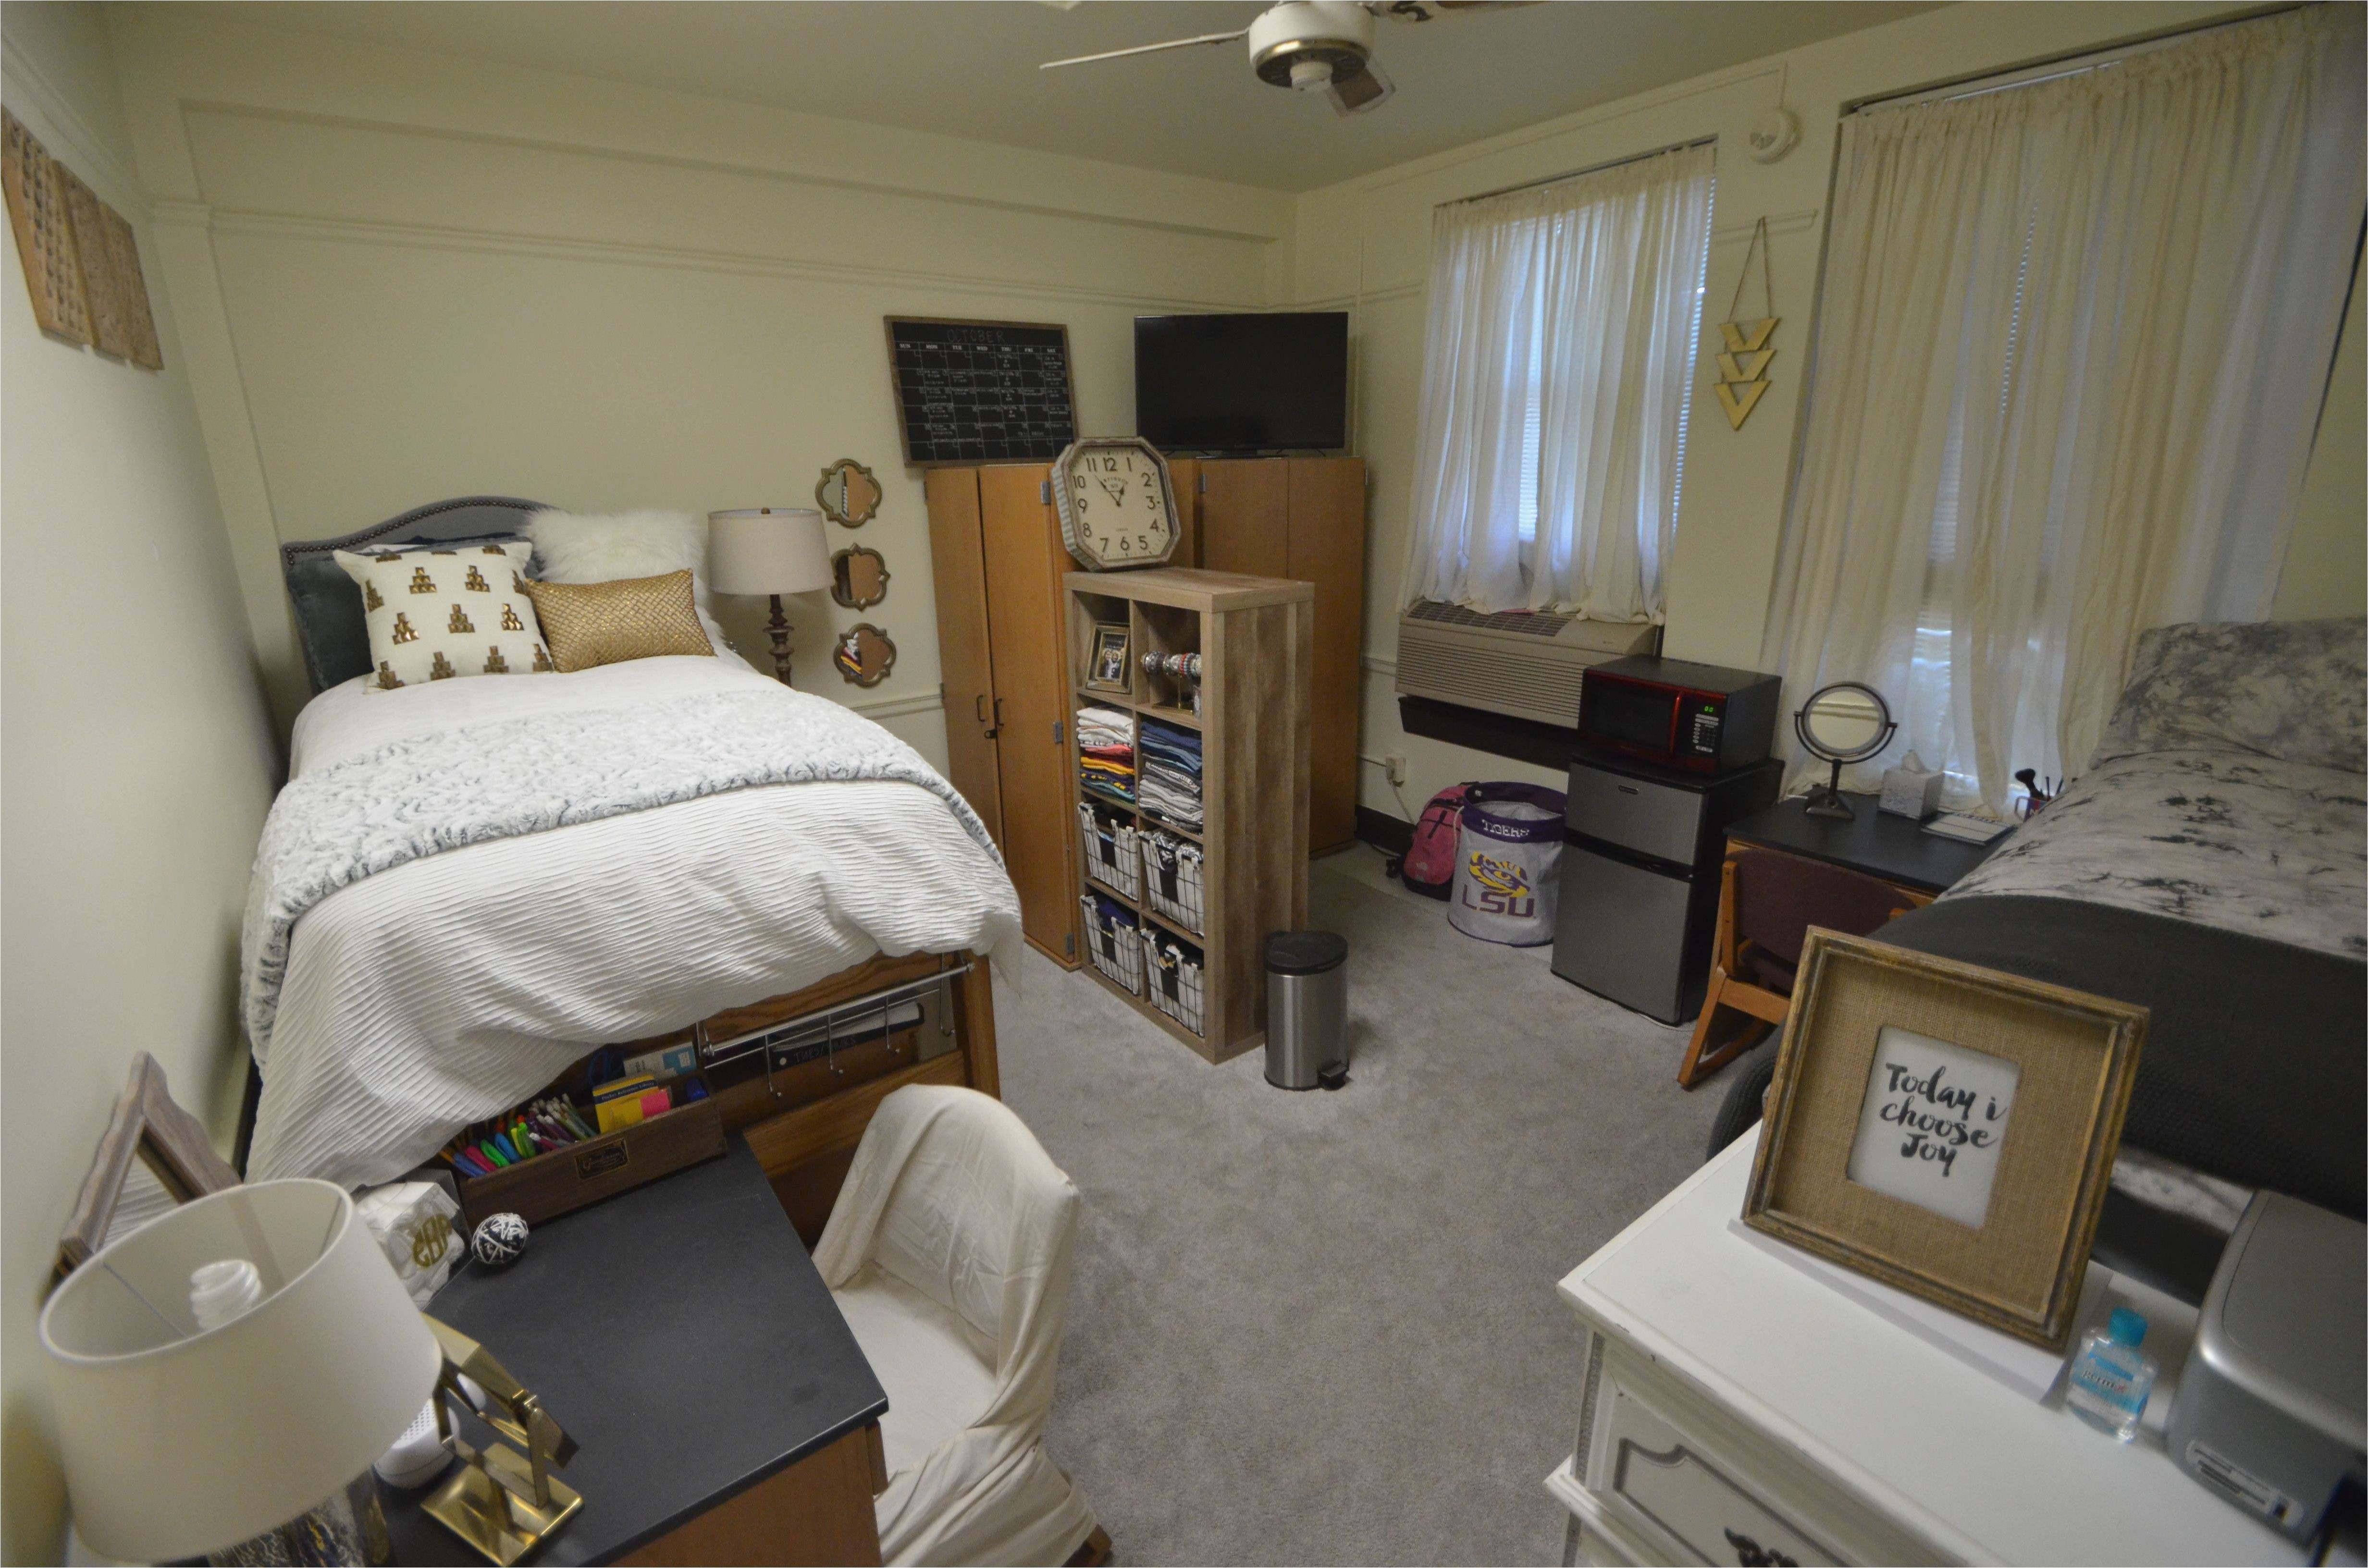 26 Bedroom Set for Boys Limited Bedroom Design Ideas Lovely Setup 0d with cool kids bedroom sets